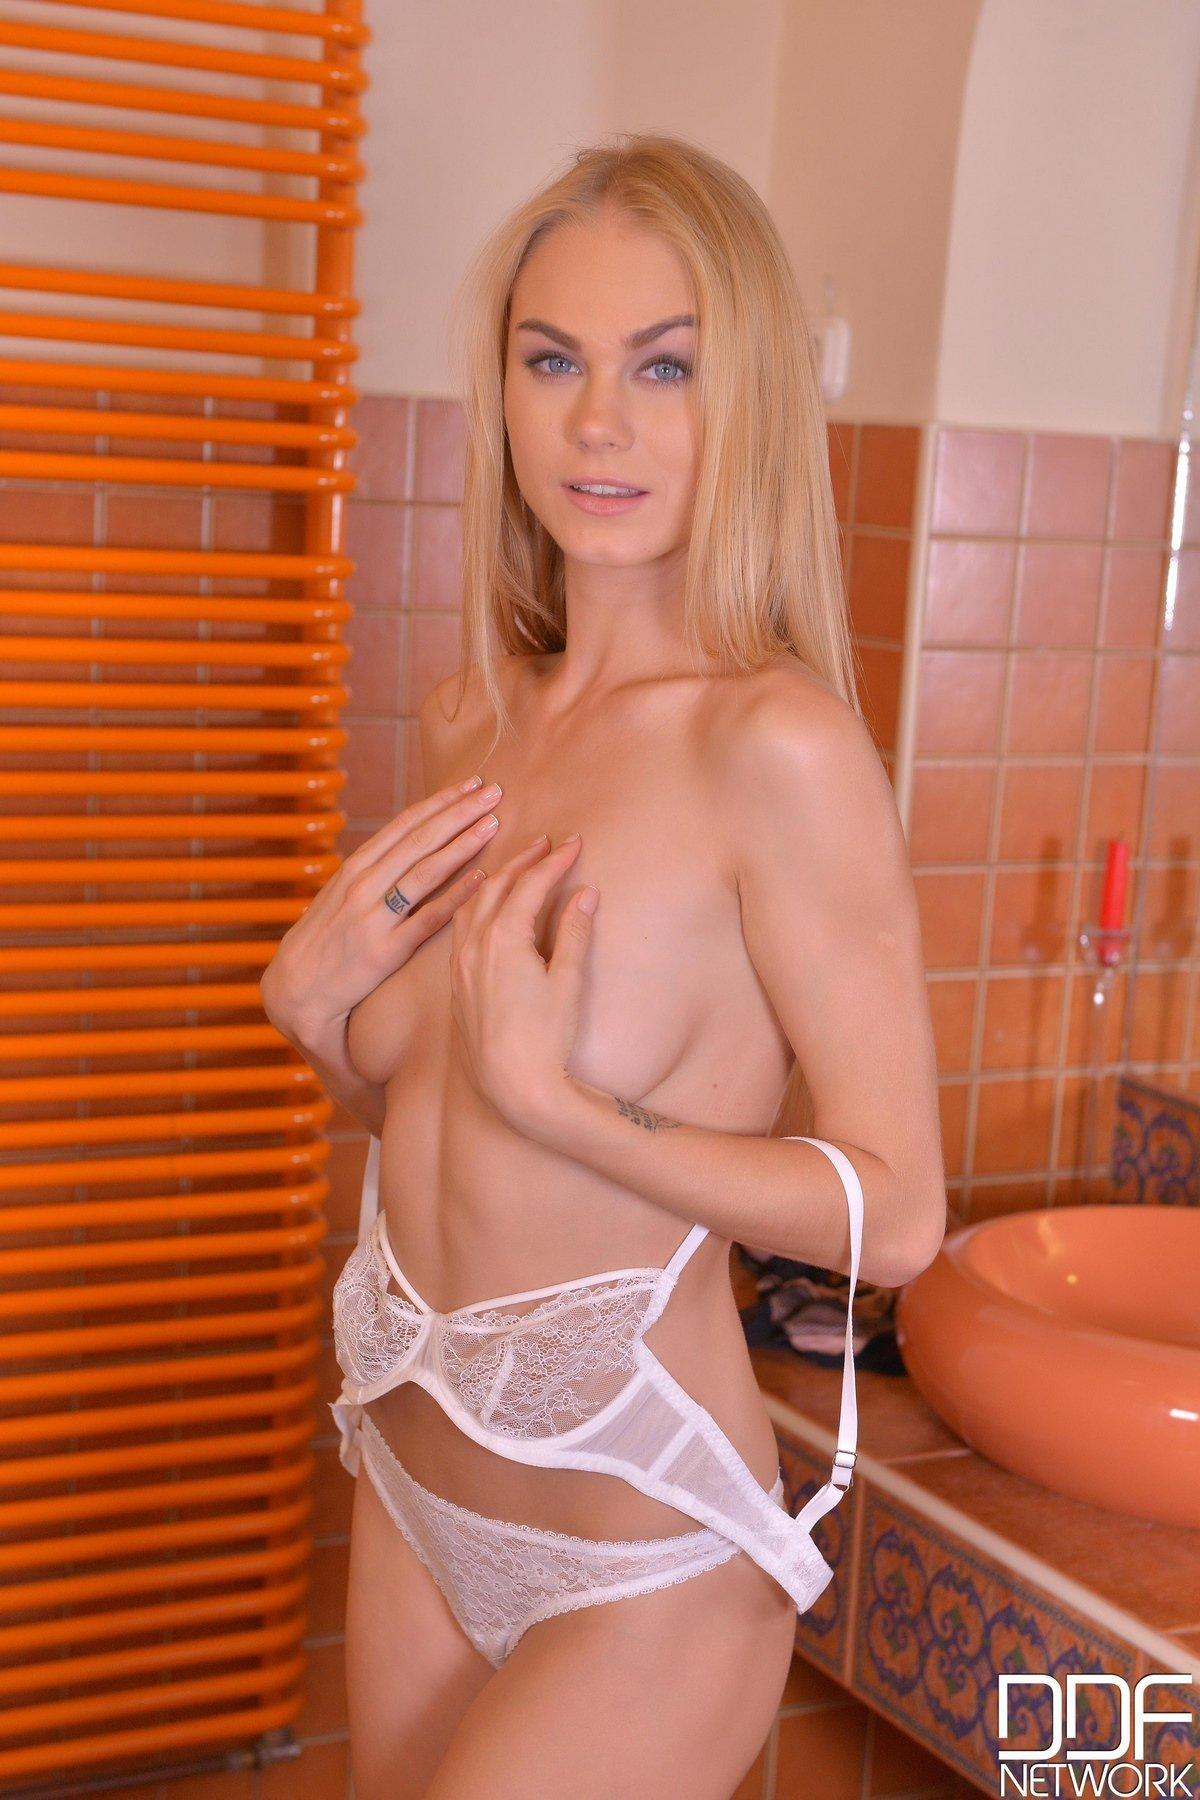 Модель со свелыми волосами в кружевном белье позирует в спальне секс фото